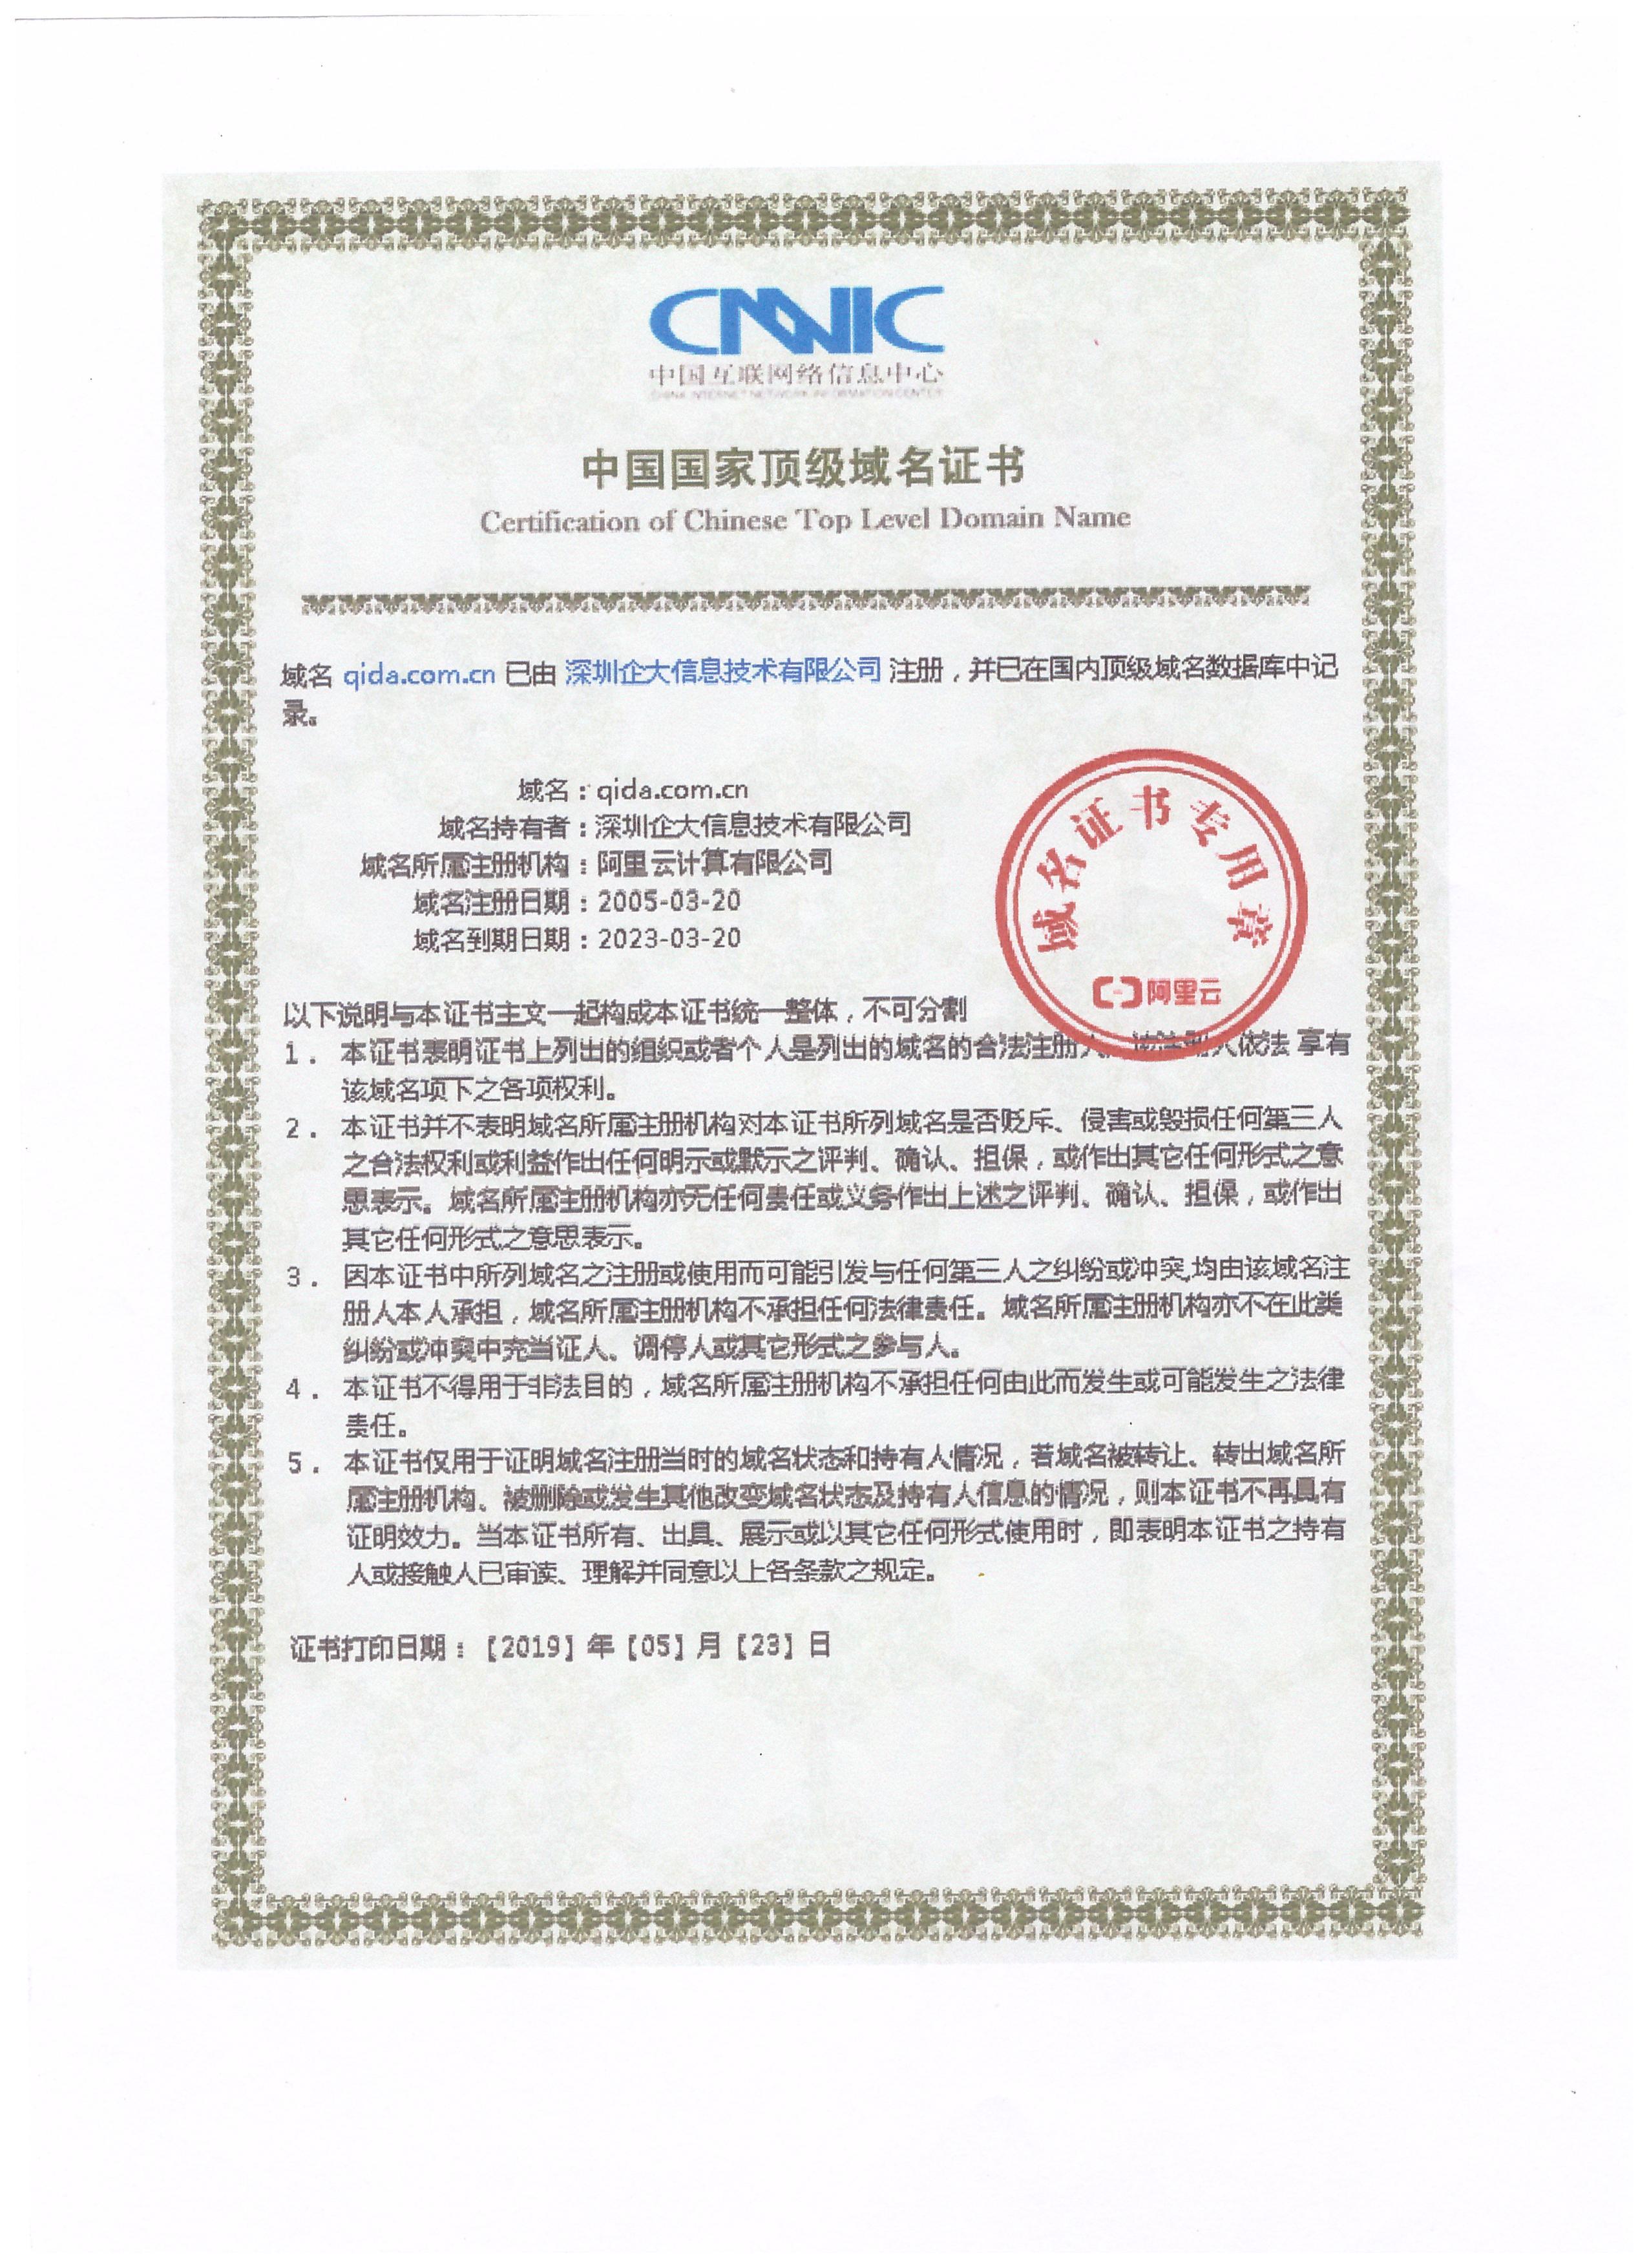 中国顶级域名证书2 001.jpg